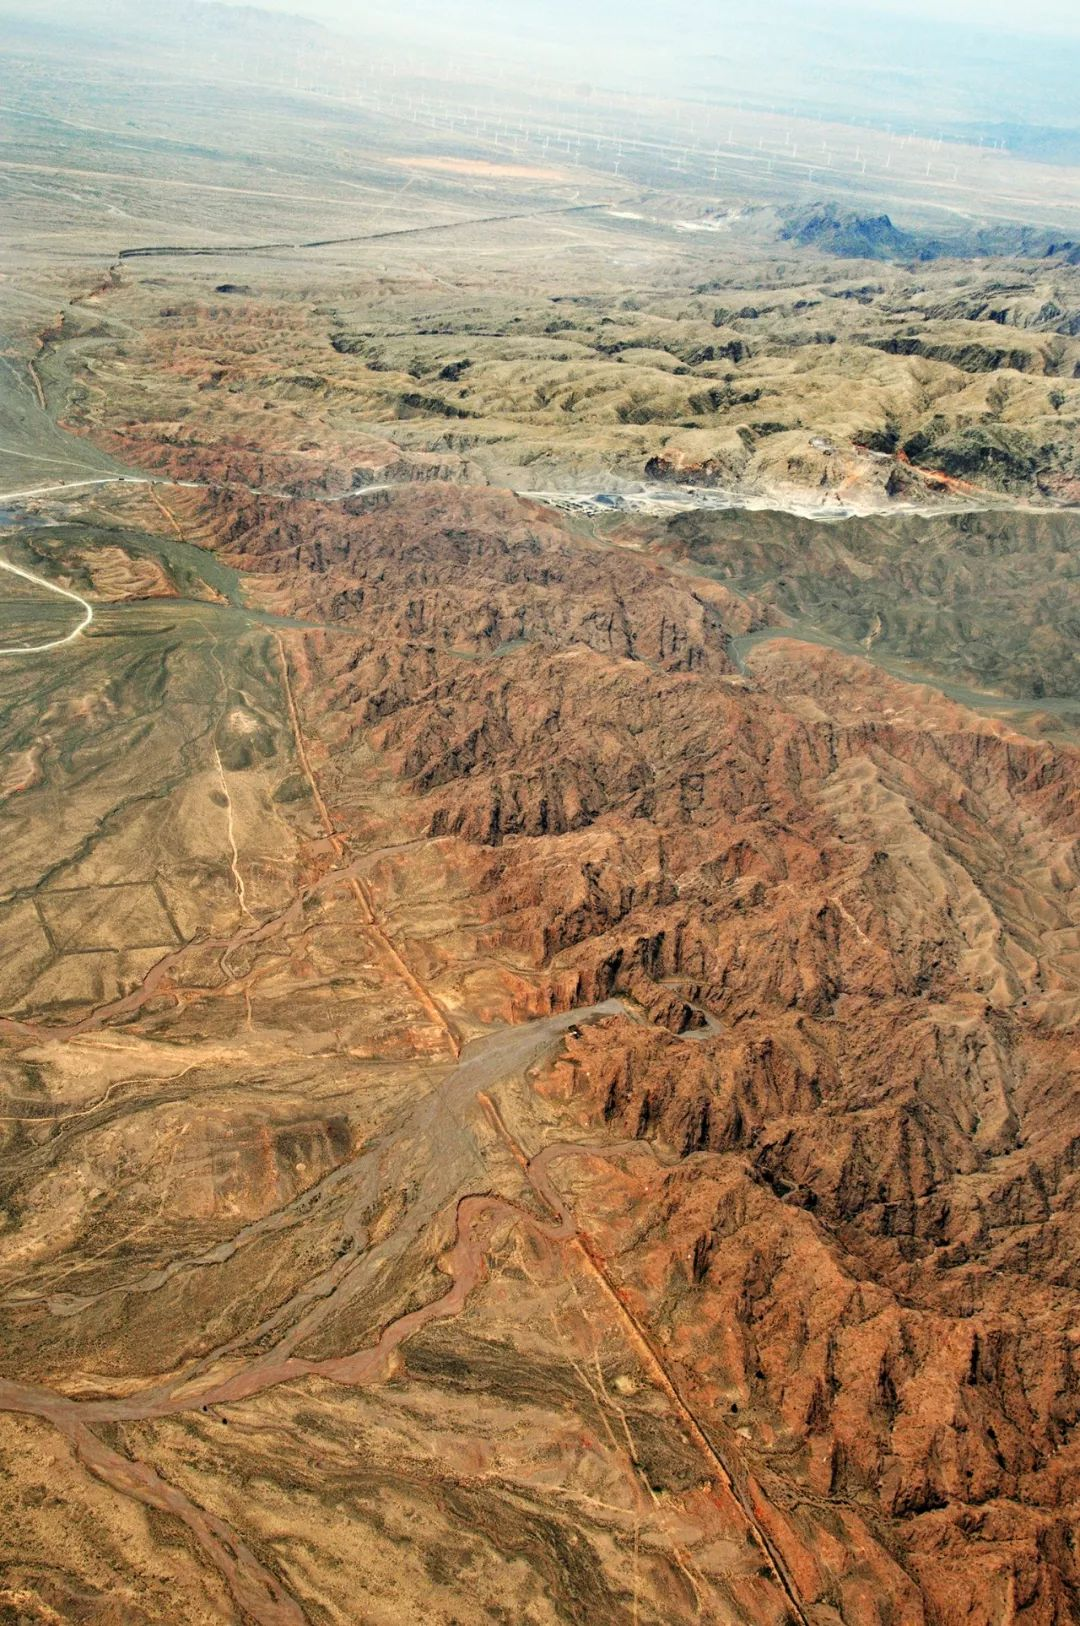 一边塞上江南一边大漠无垠的宁夏 为何如此别致?